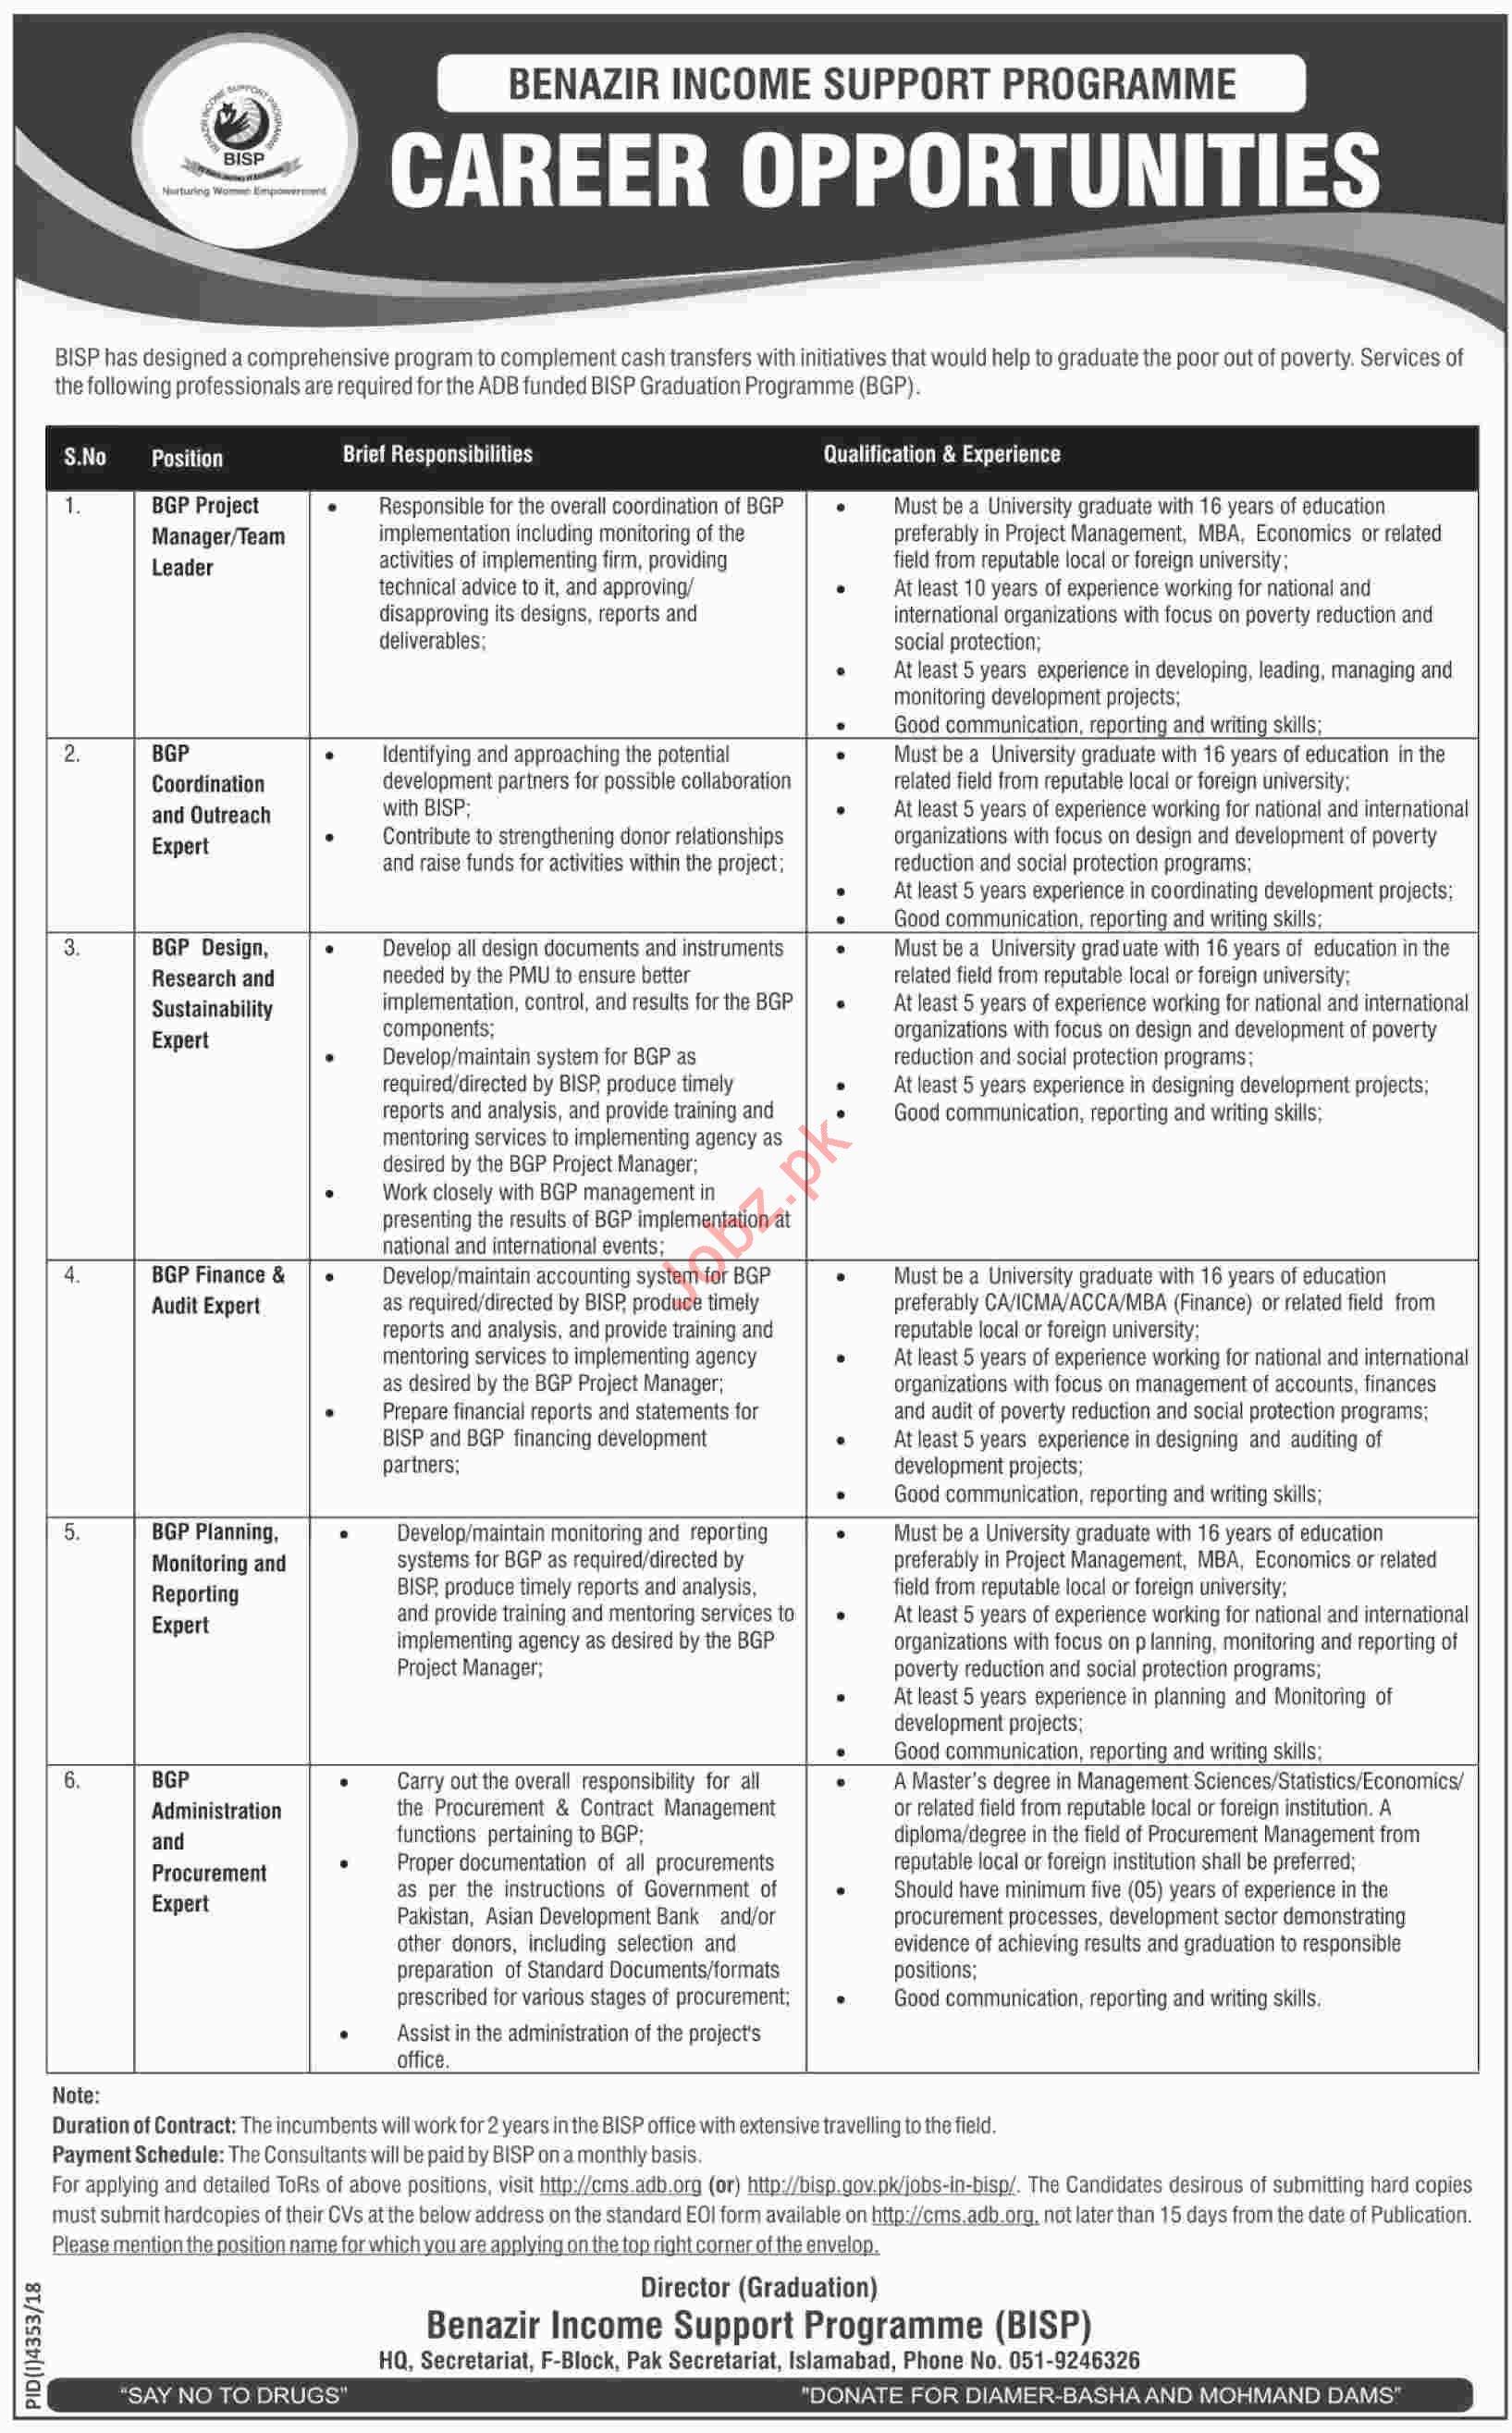 BISP Benazir Income Support Programme Jobs 2019